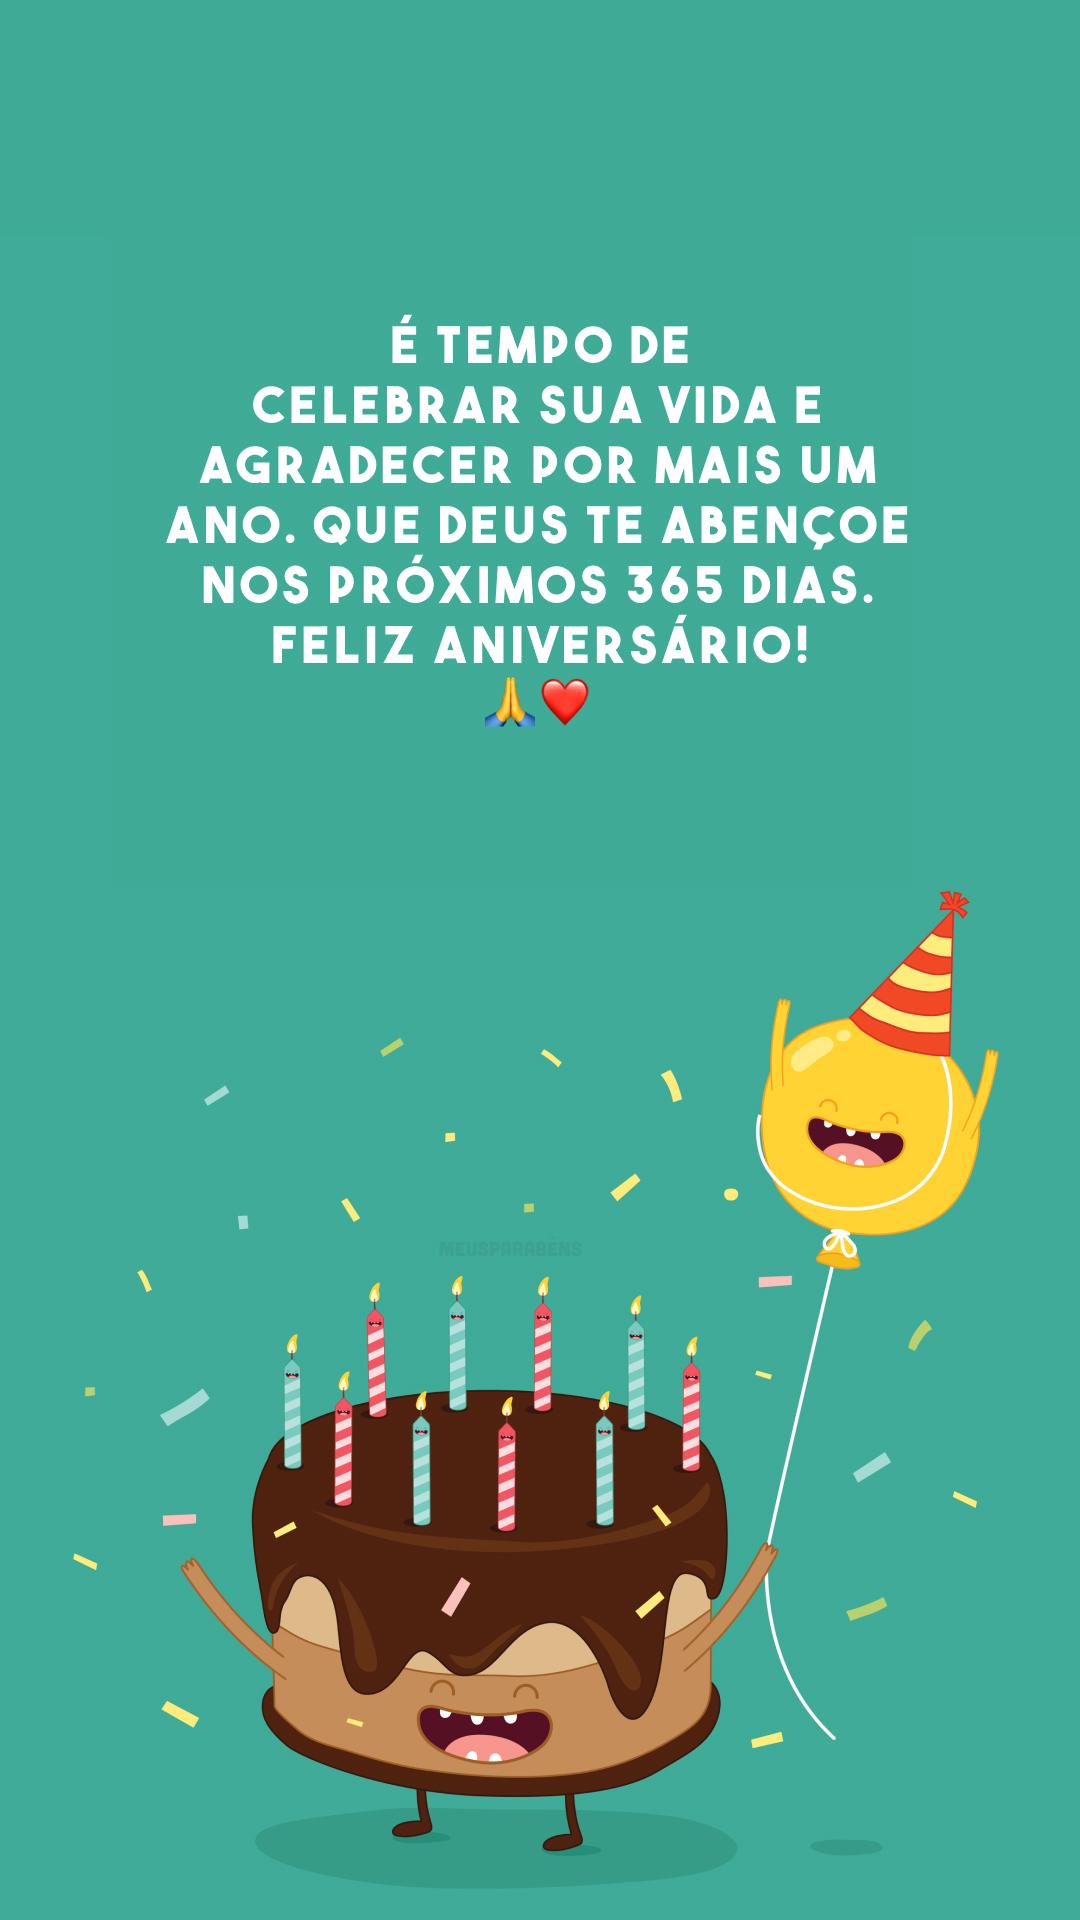 É tempo de celebrar sua vida e agradecer por mais um ano. Que Deus te abençoe nos próximos 365 dias. Feliz aniversário! 🙏❤️